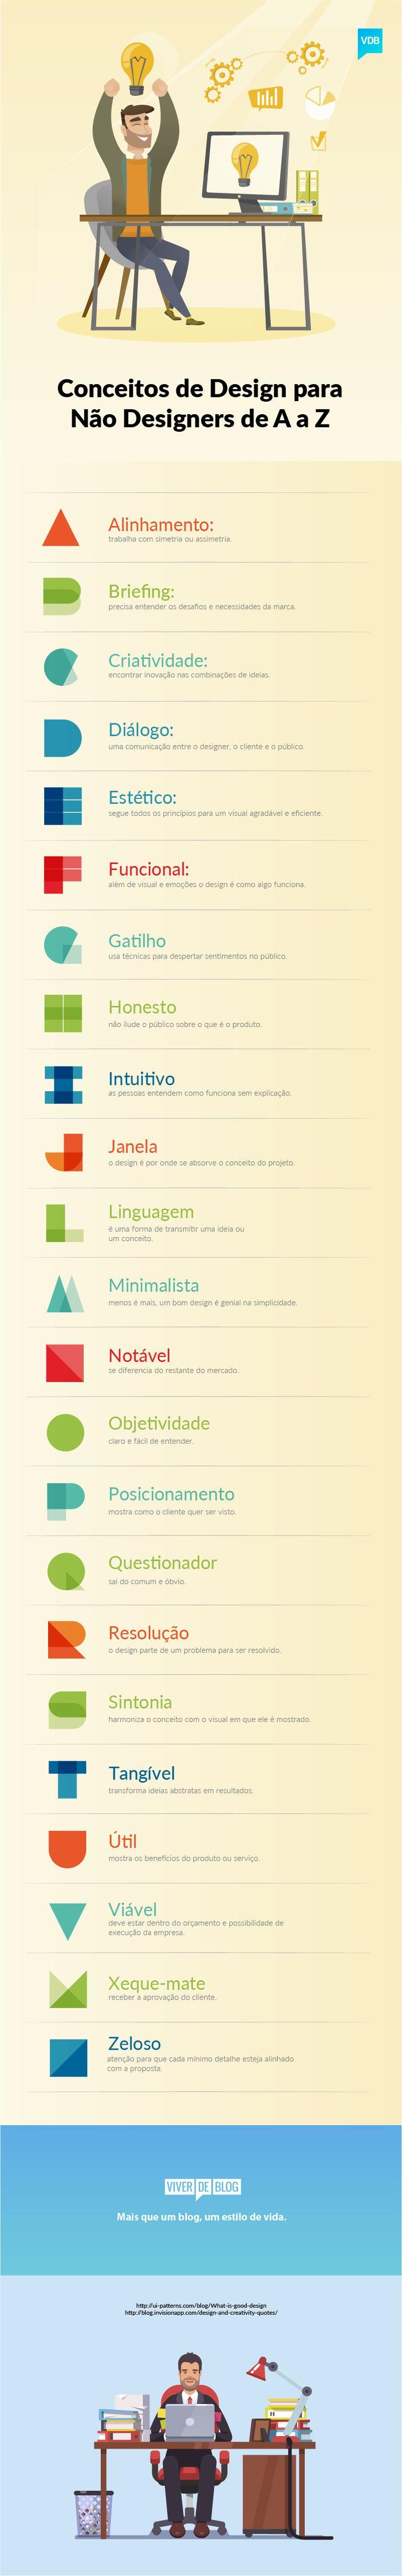 Conheça 23 conceitos de design para não designers, de A a Z, para você conquistar resultados excepcionais.